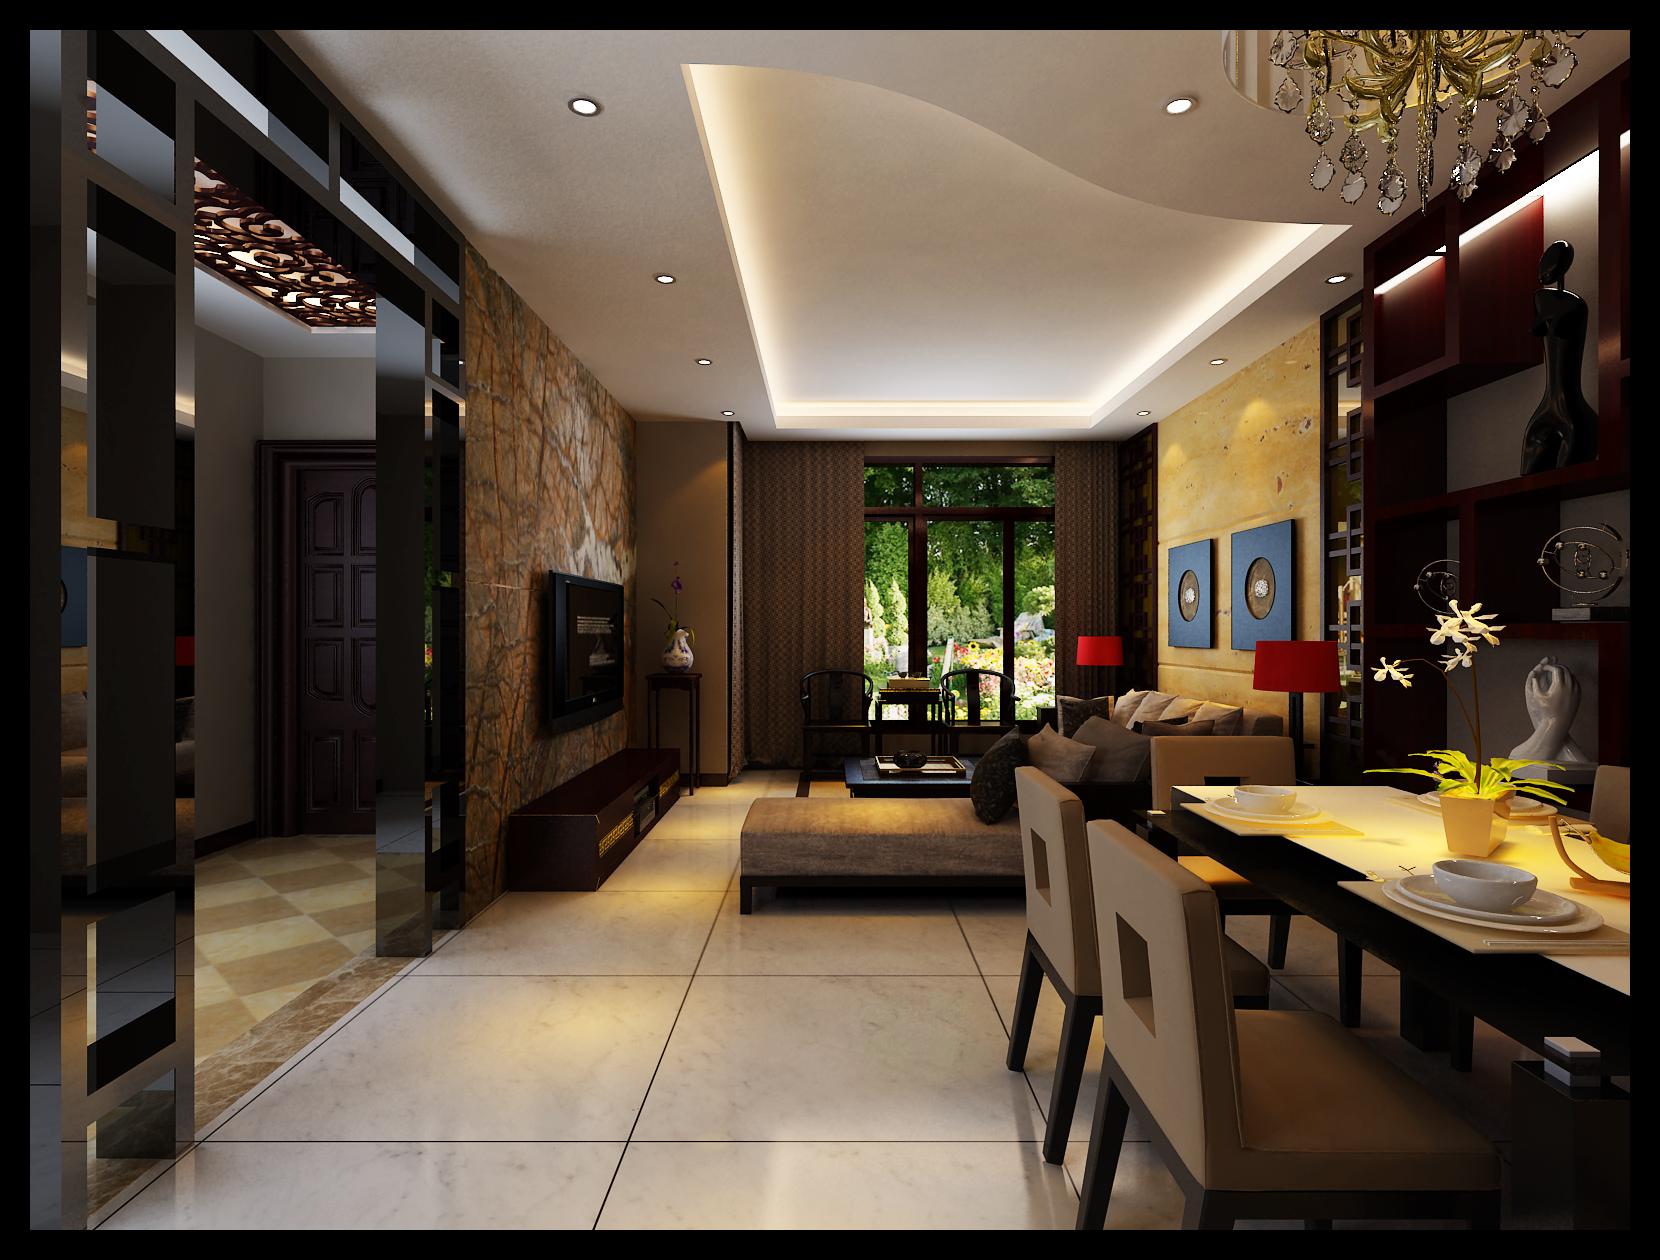 中式风格 别墅装修 四居室装修 收纳 客厅图片来自上海实创-装修设计效果图在御沁园别墅中式风格的分享